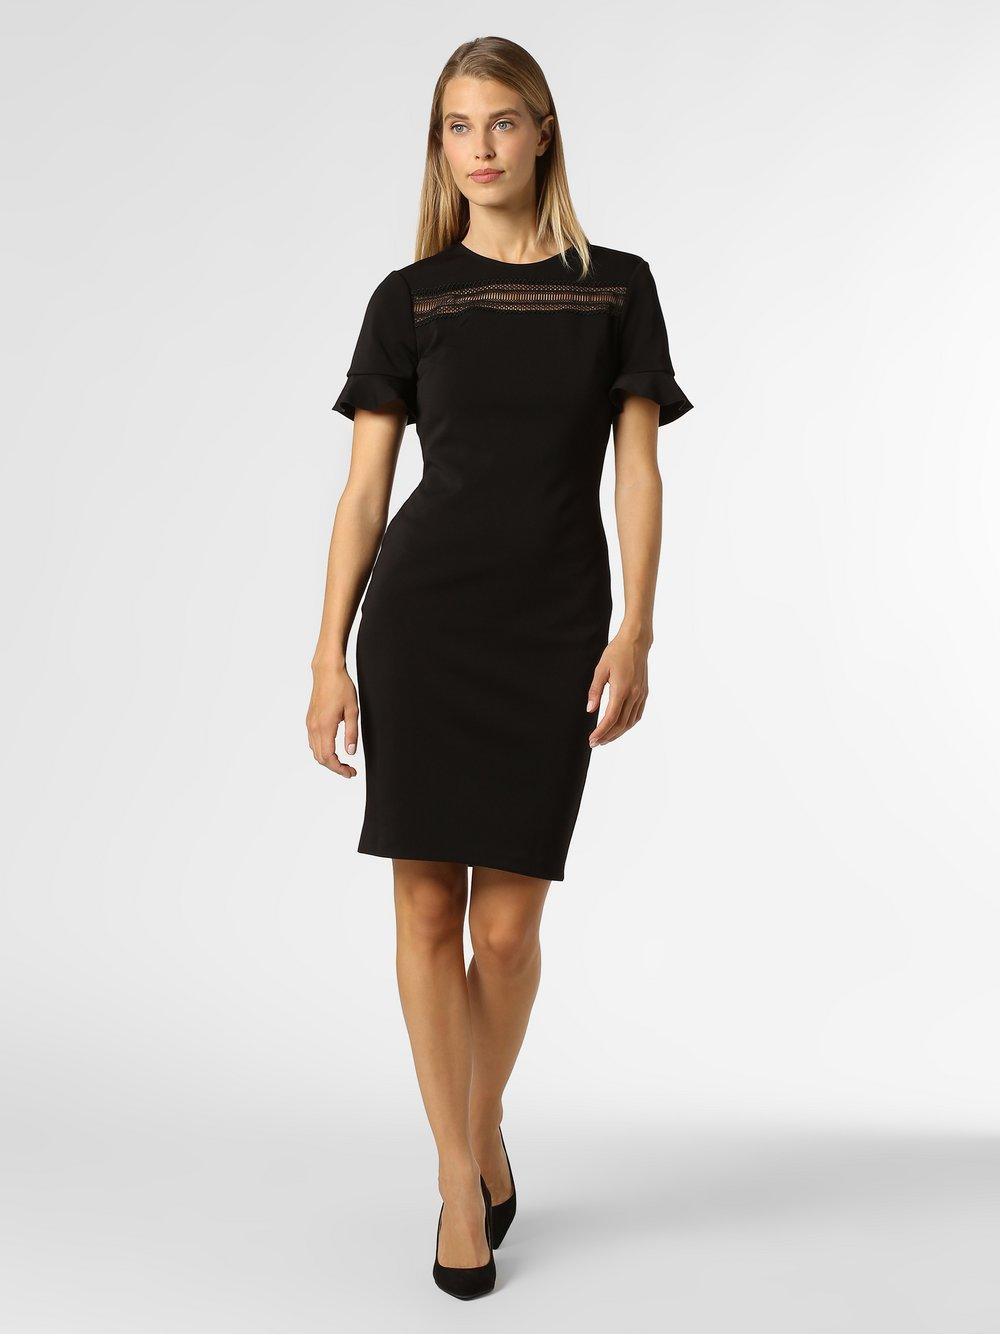 Ted Baker – Sukienka damska – Livsia, czarny Van Graaf 456411-0001-00340